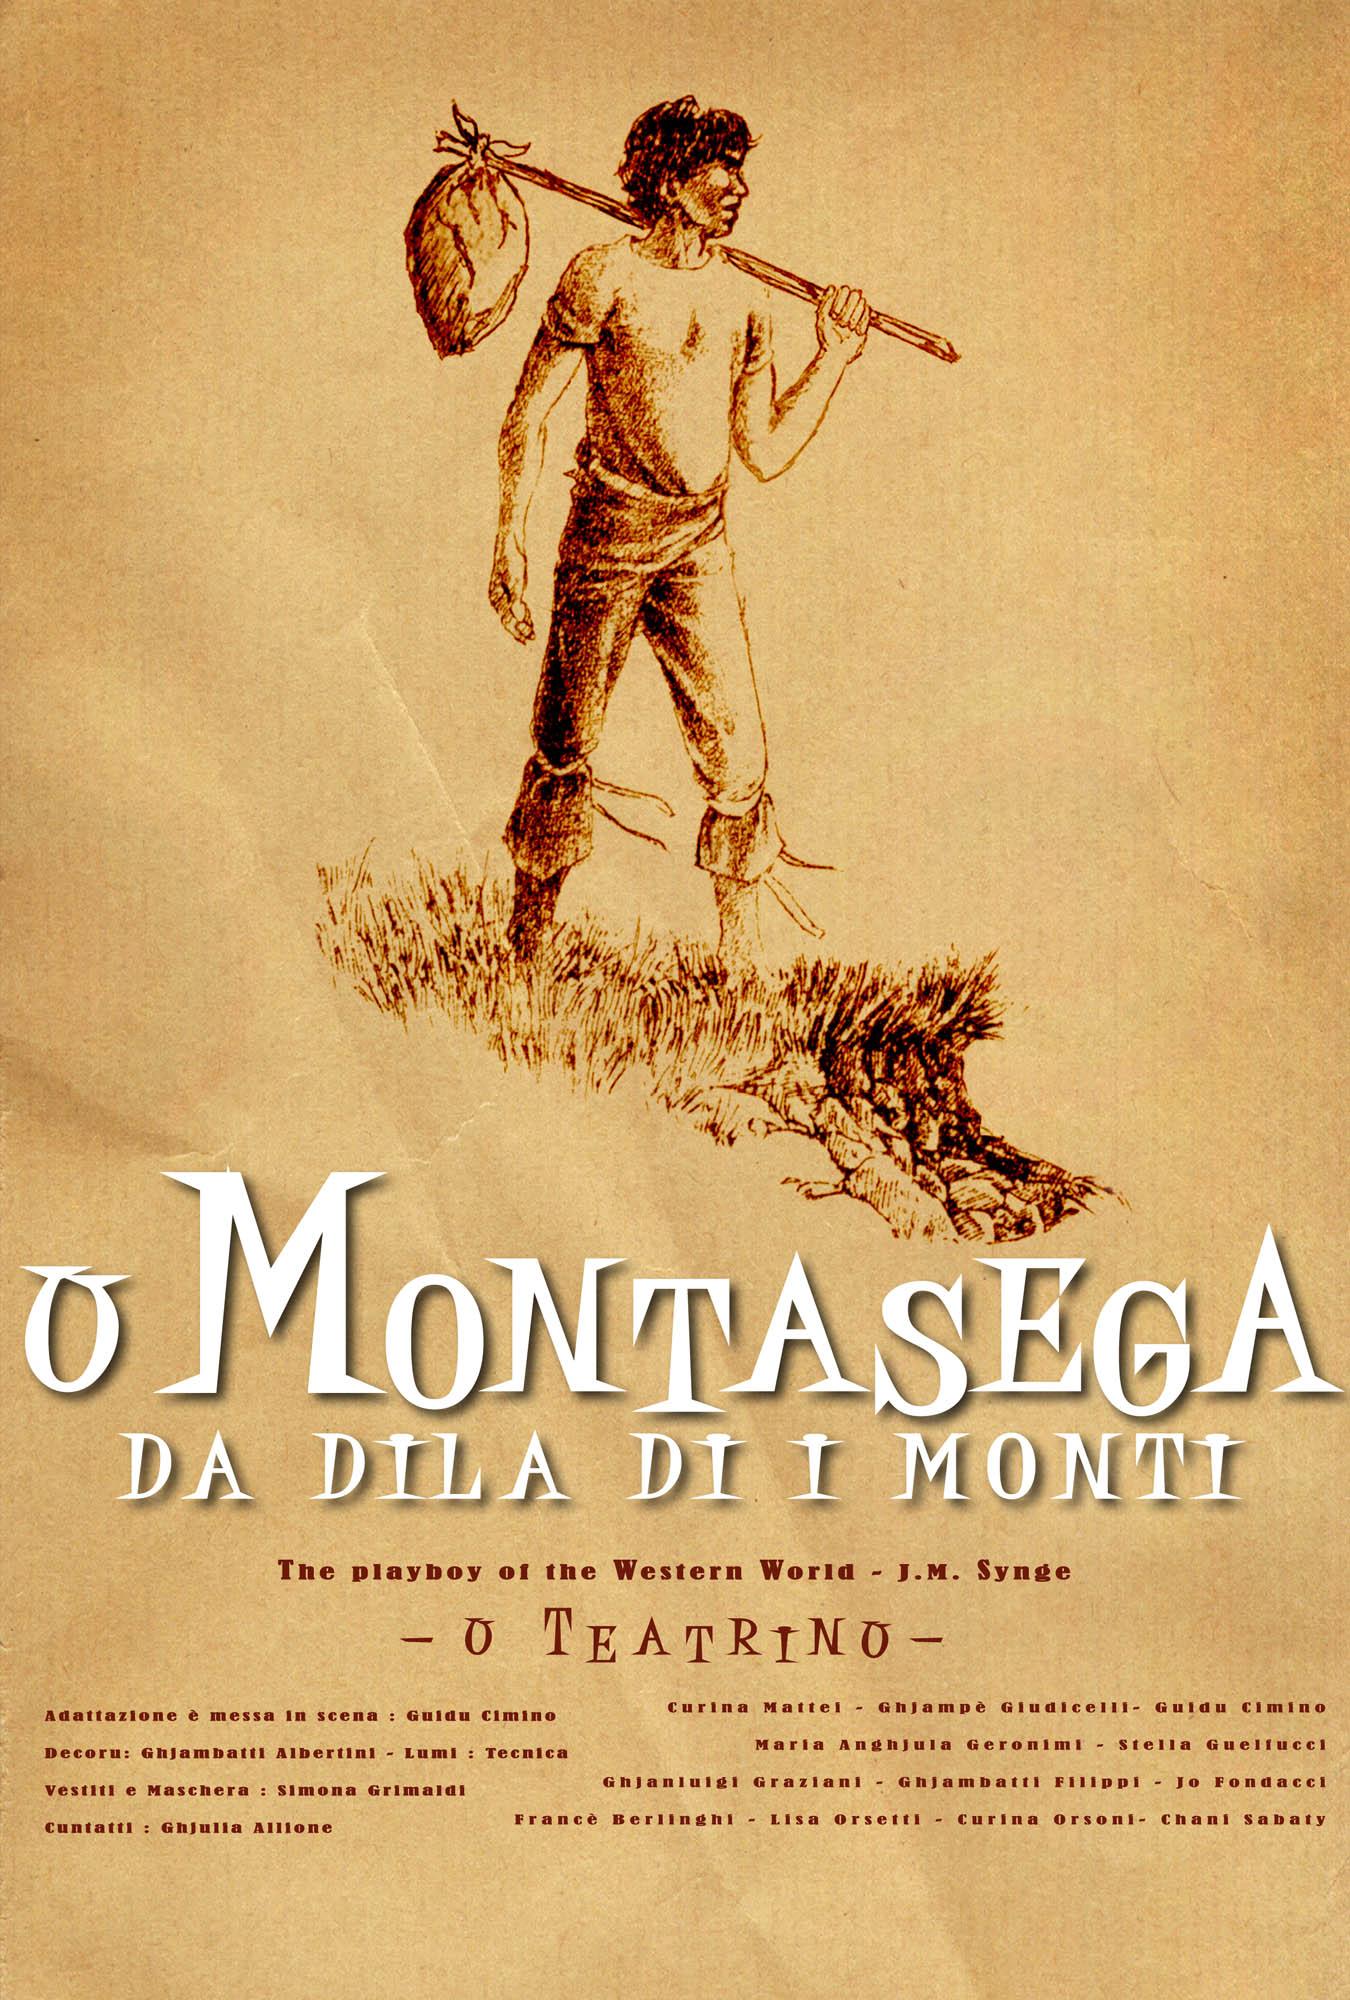 affiche-montasega